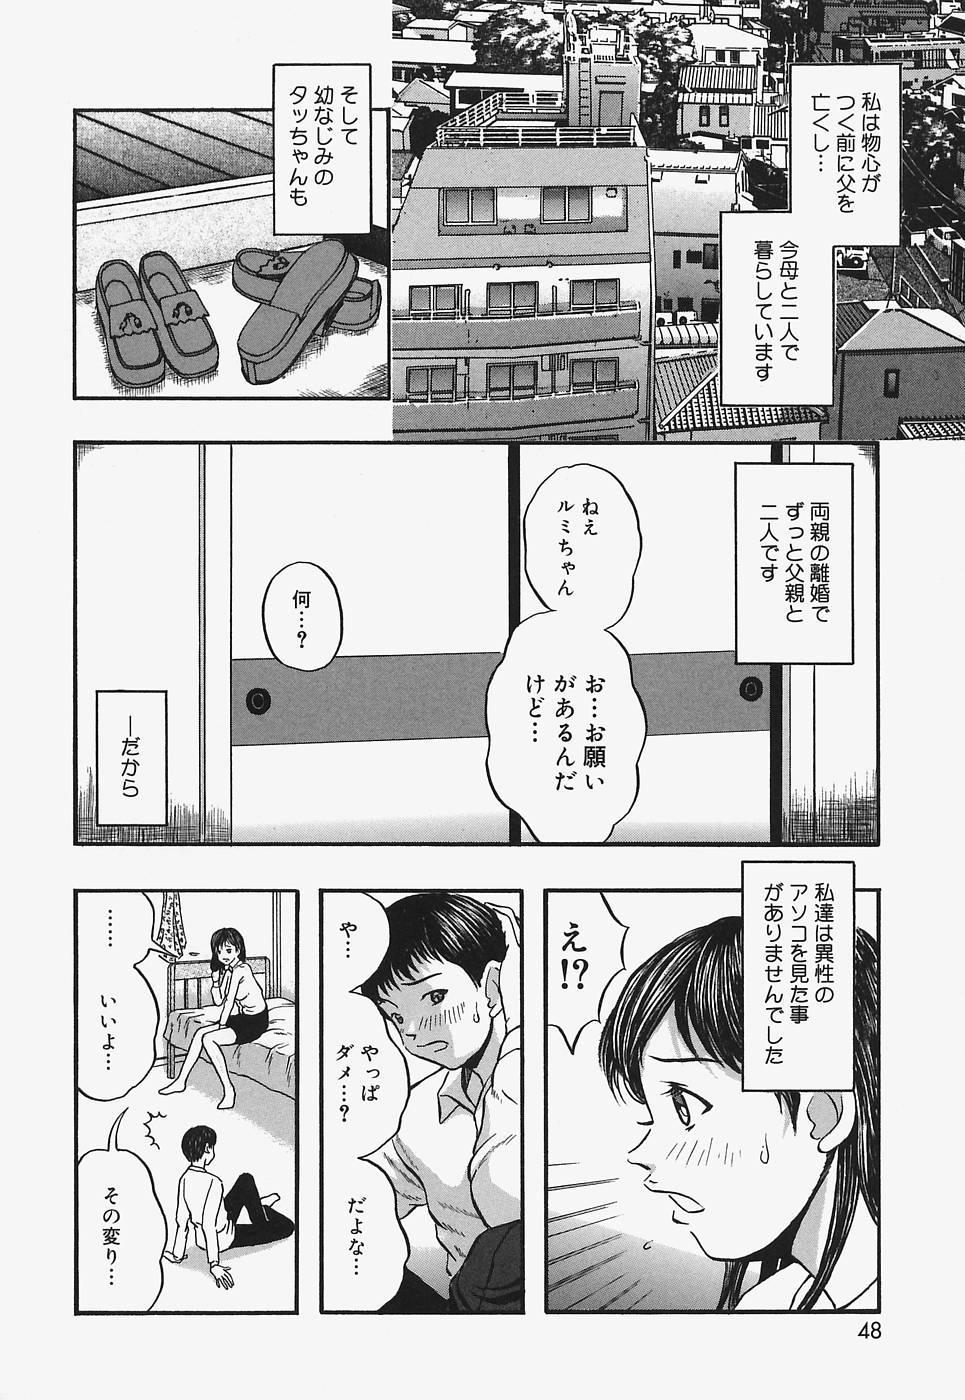 Nurunuru Syoujyo Jiru 47